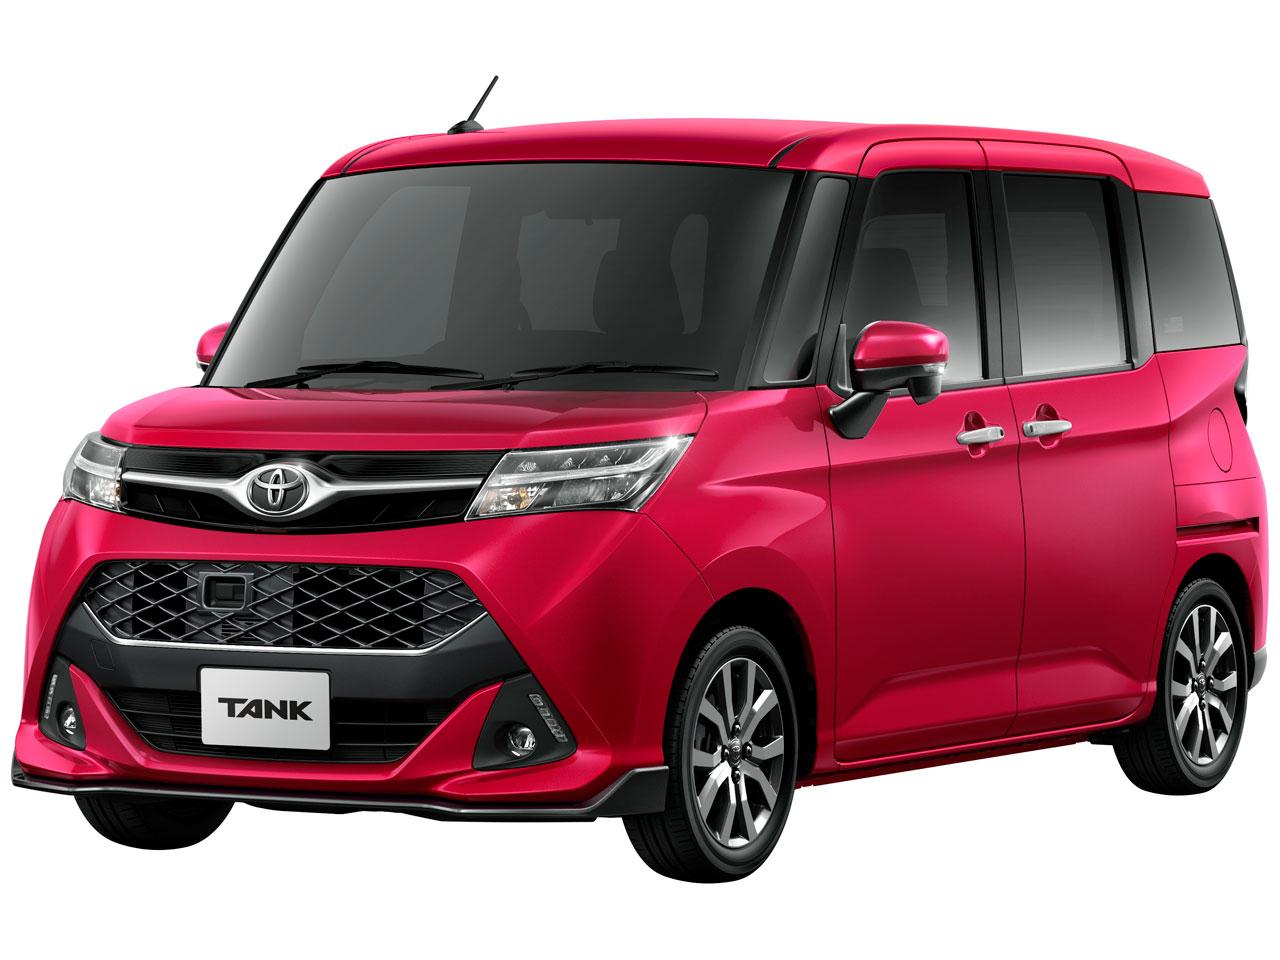 トヨタ タンク 2016年モデル 新車画像